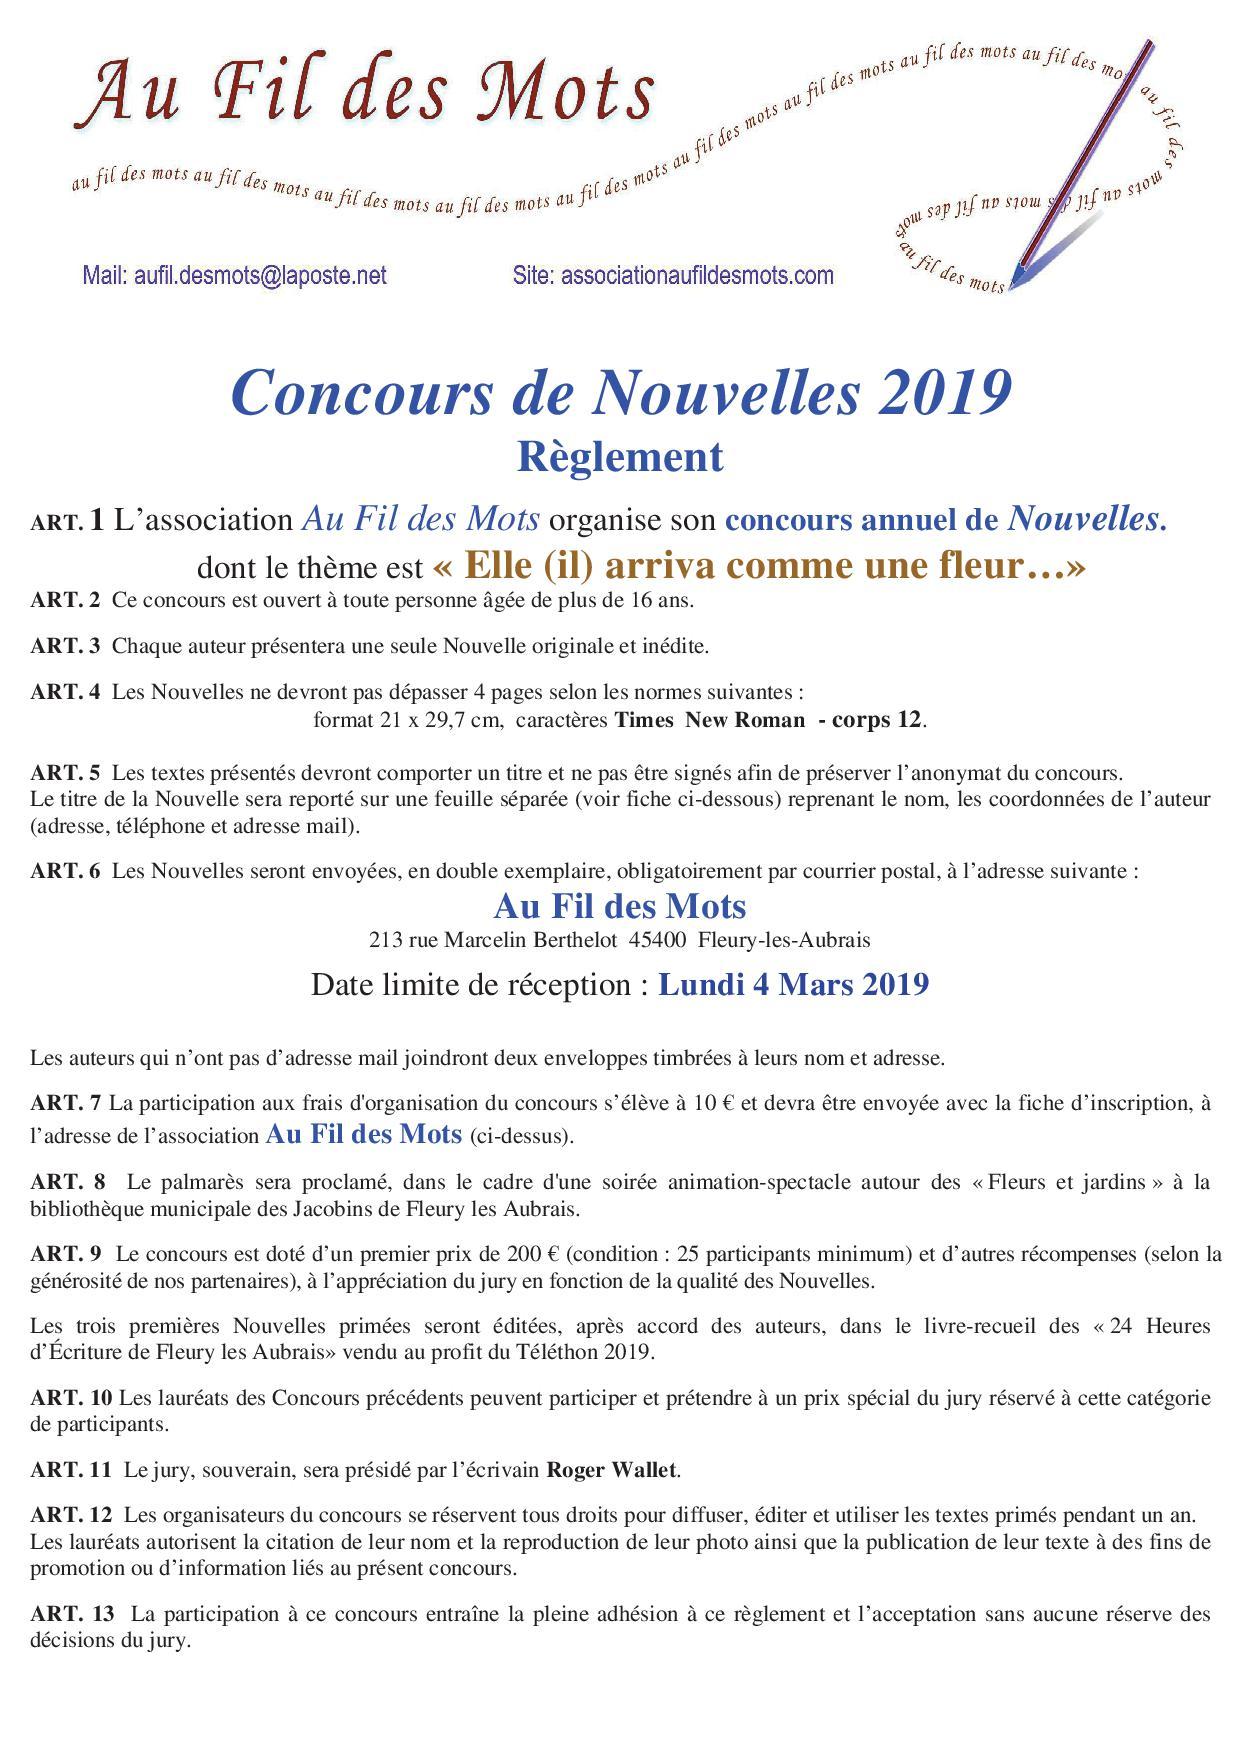 Réglement_Concours_20191.jpg